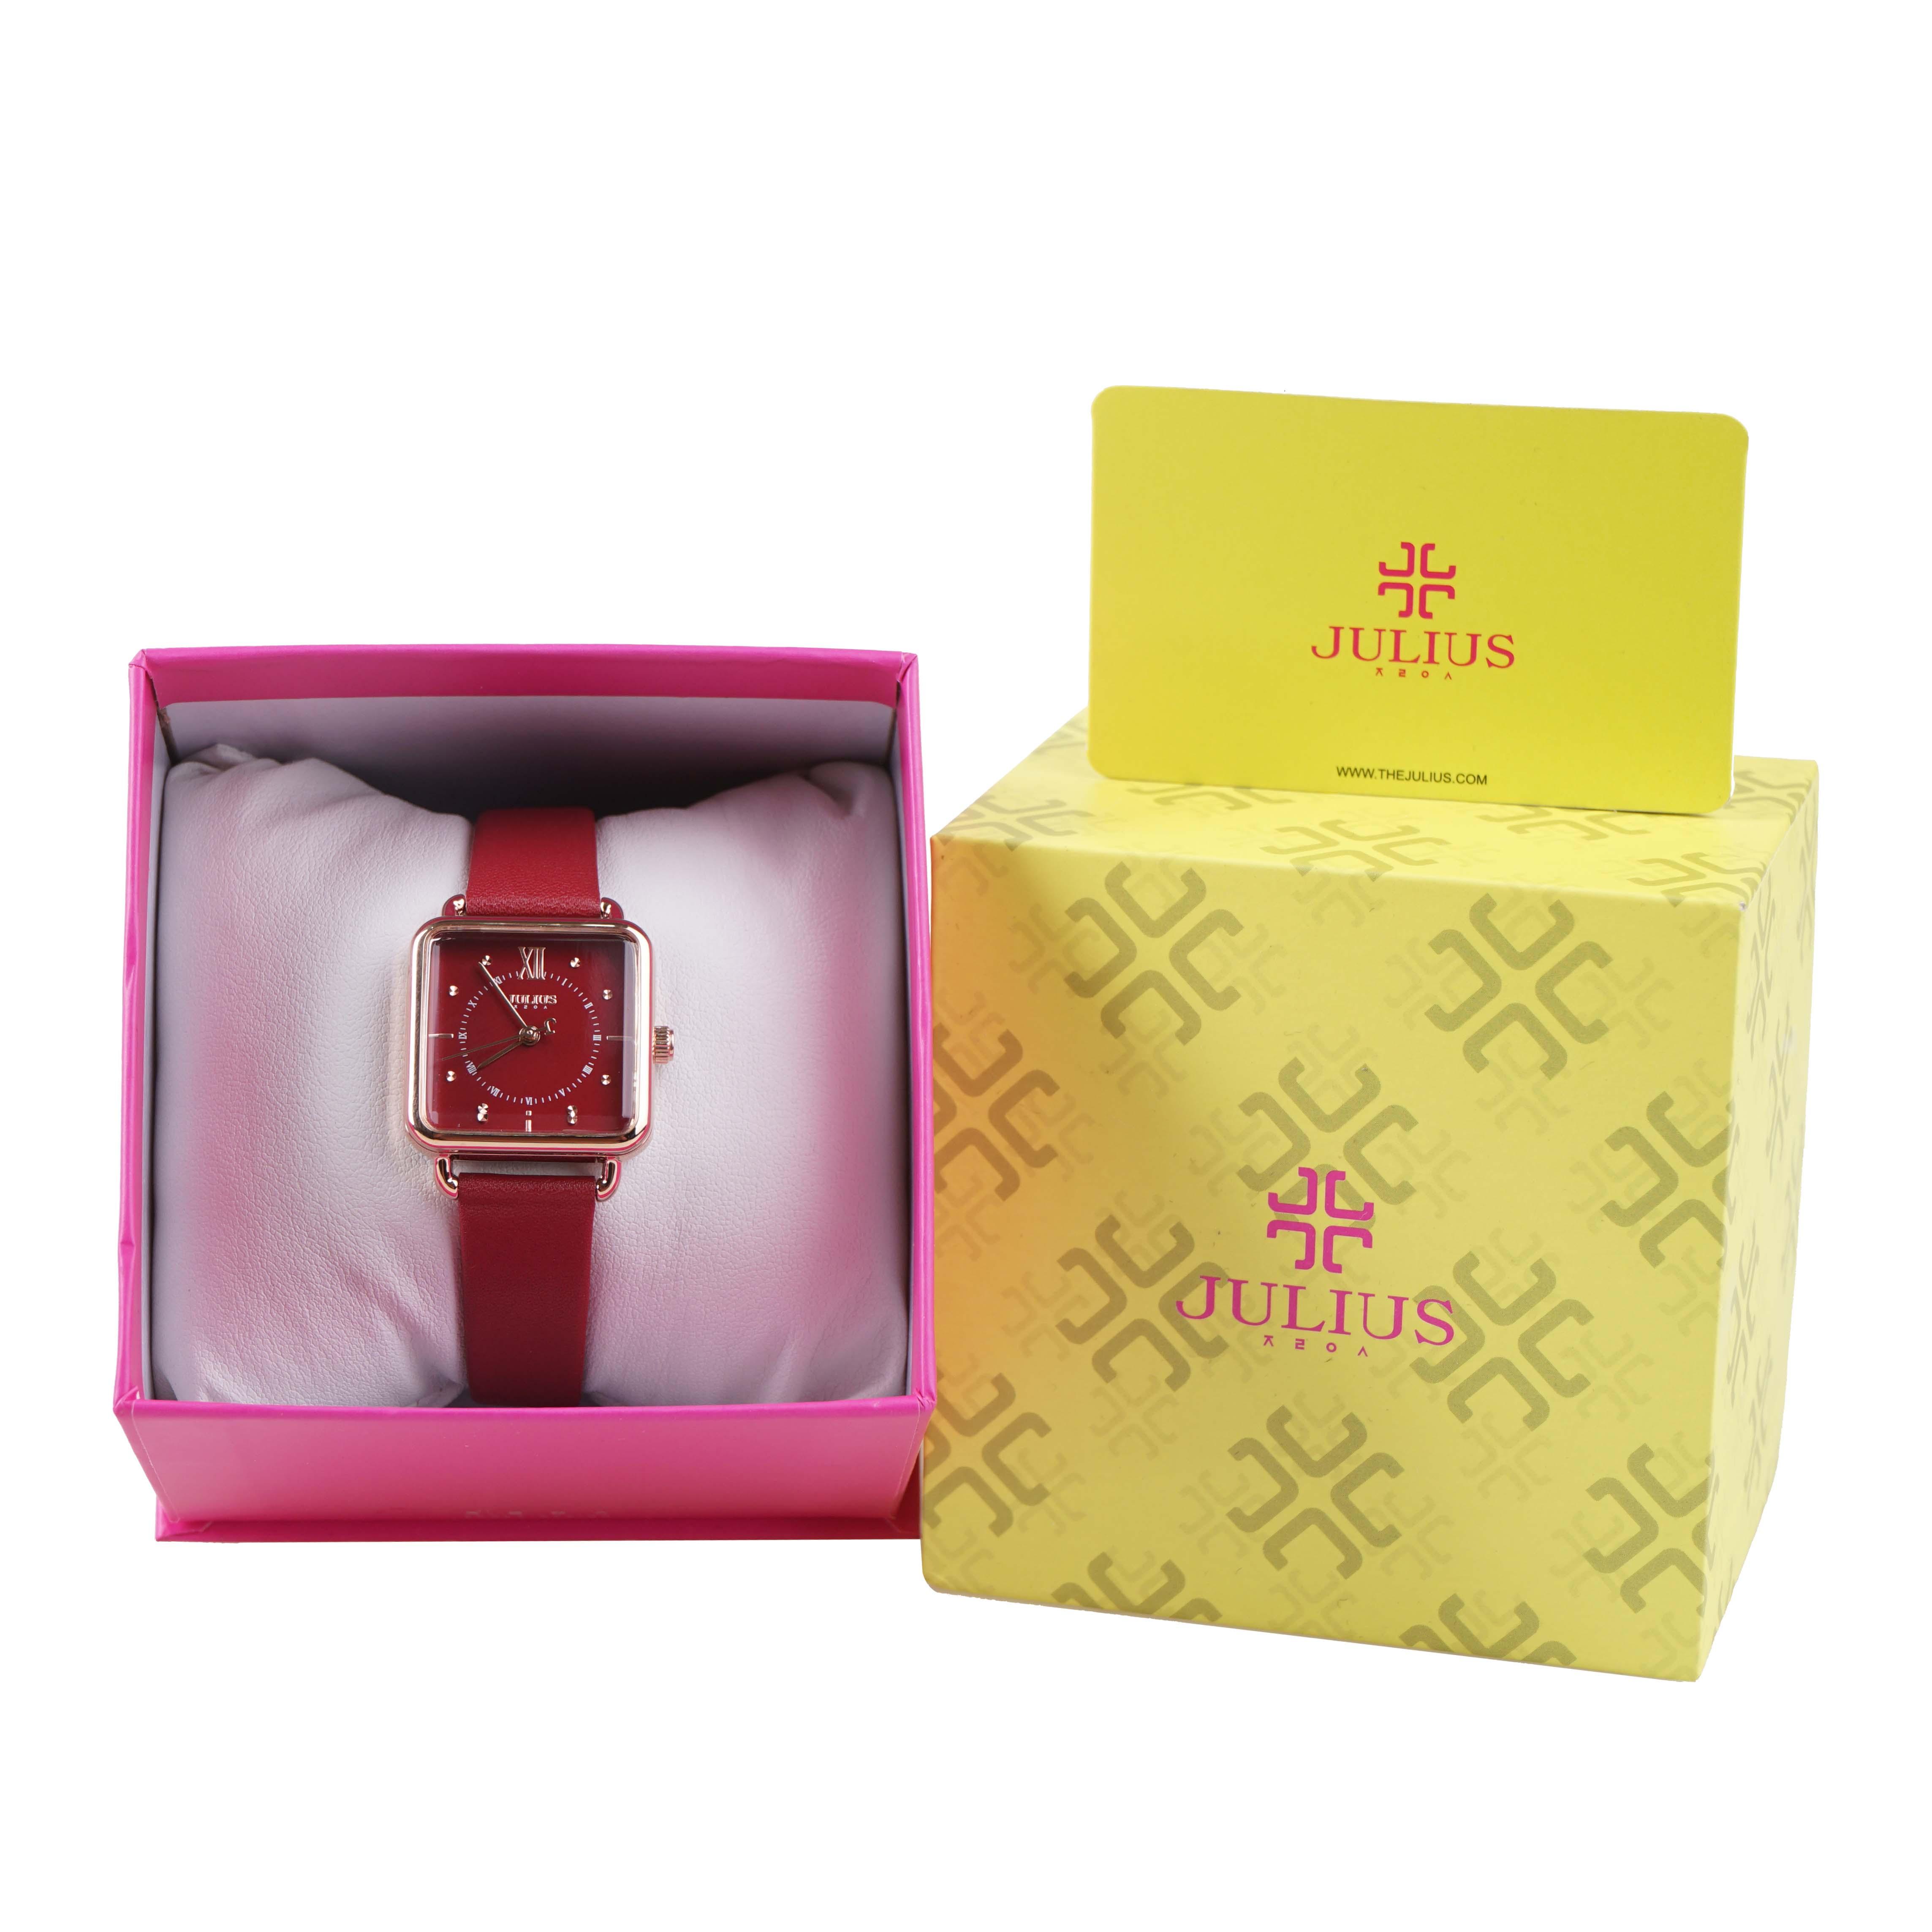 Đồng Hồ Nữ Julius Hàn Quốc JA1123 Mặt Vuông Dây Da Đỏ